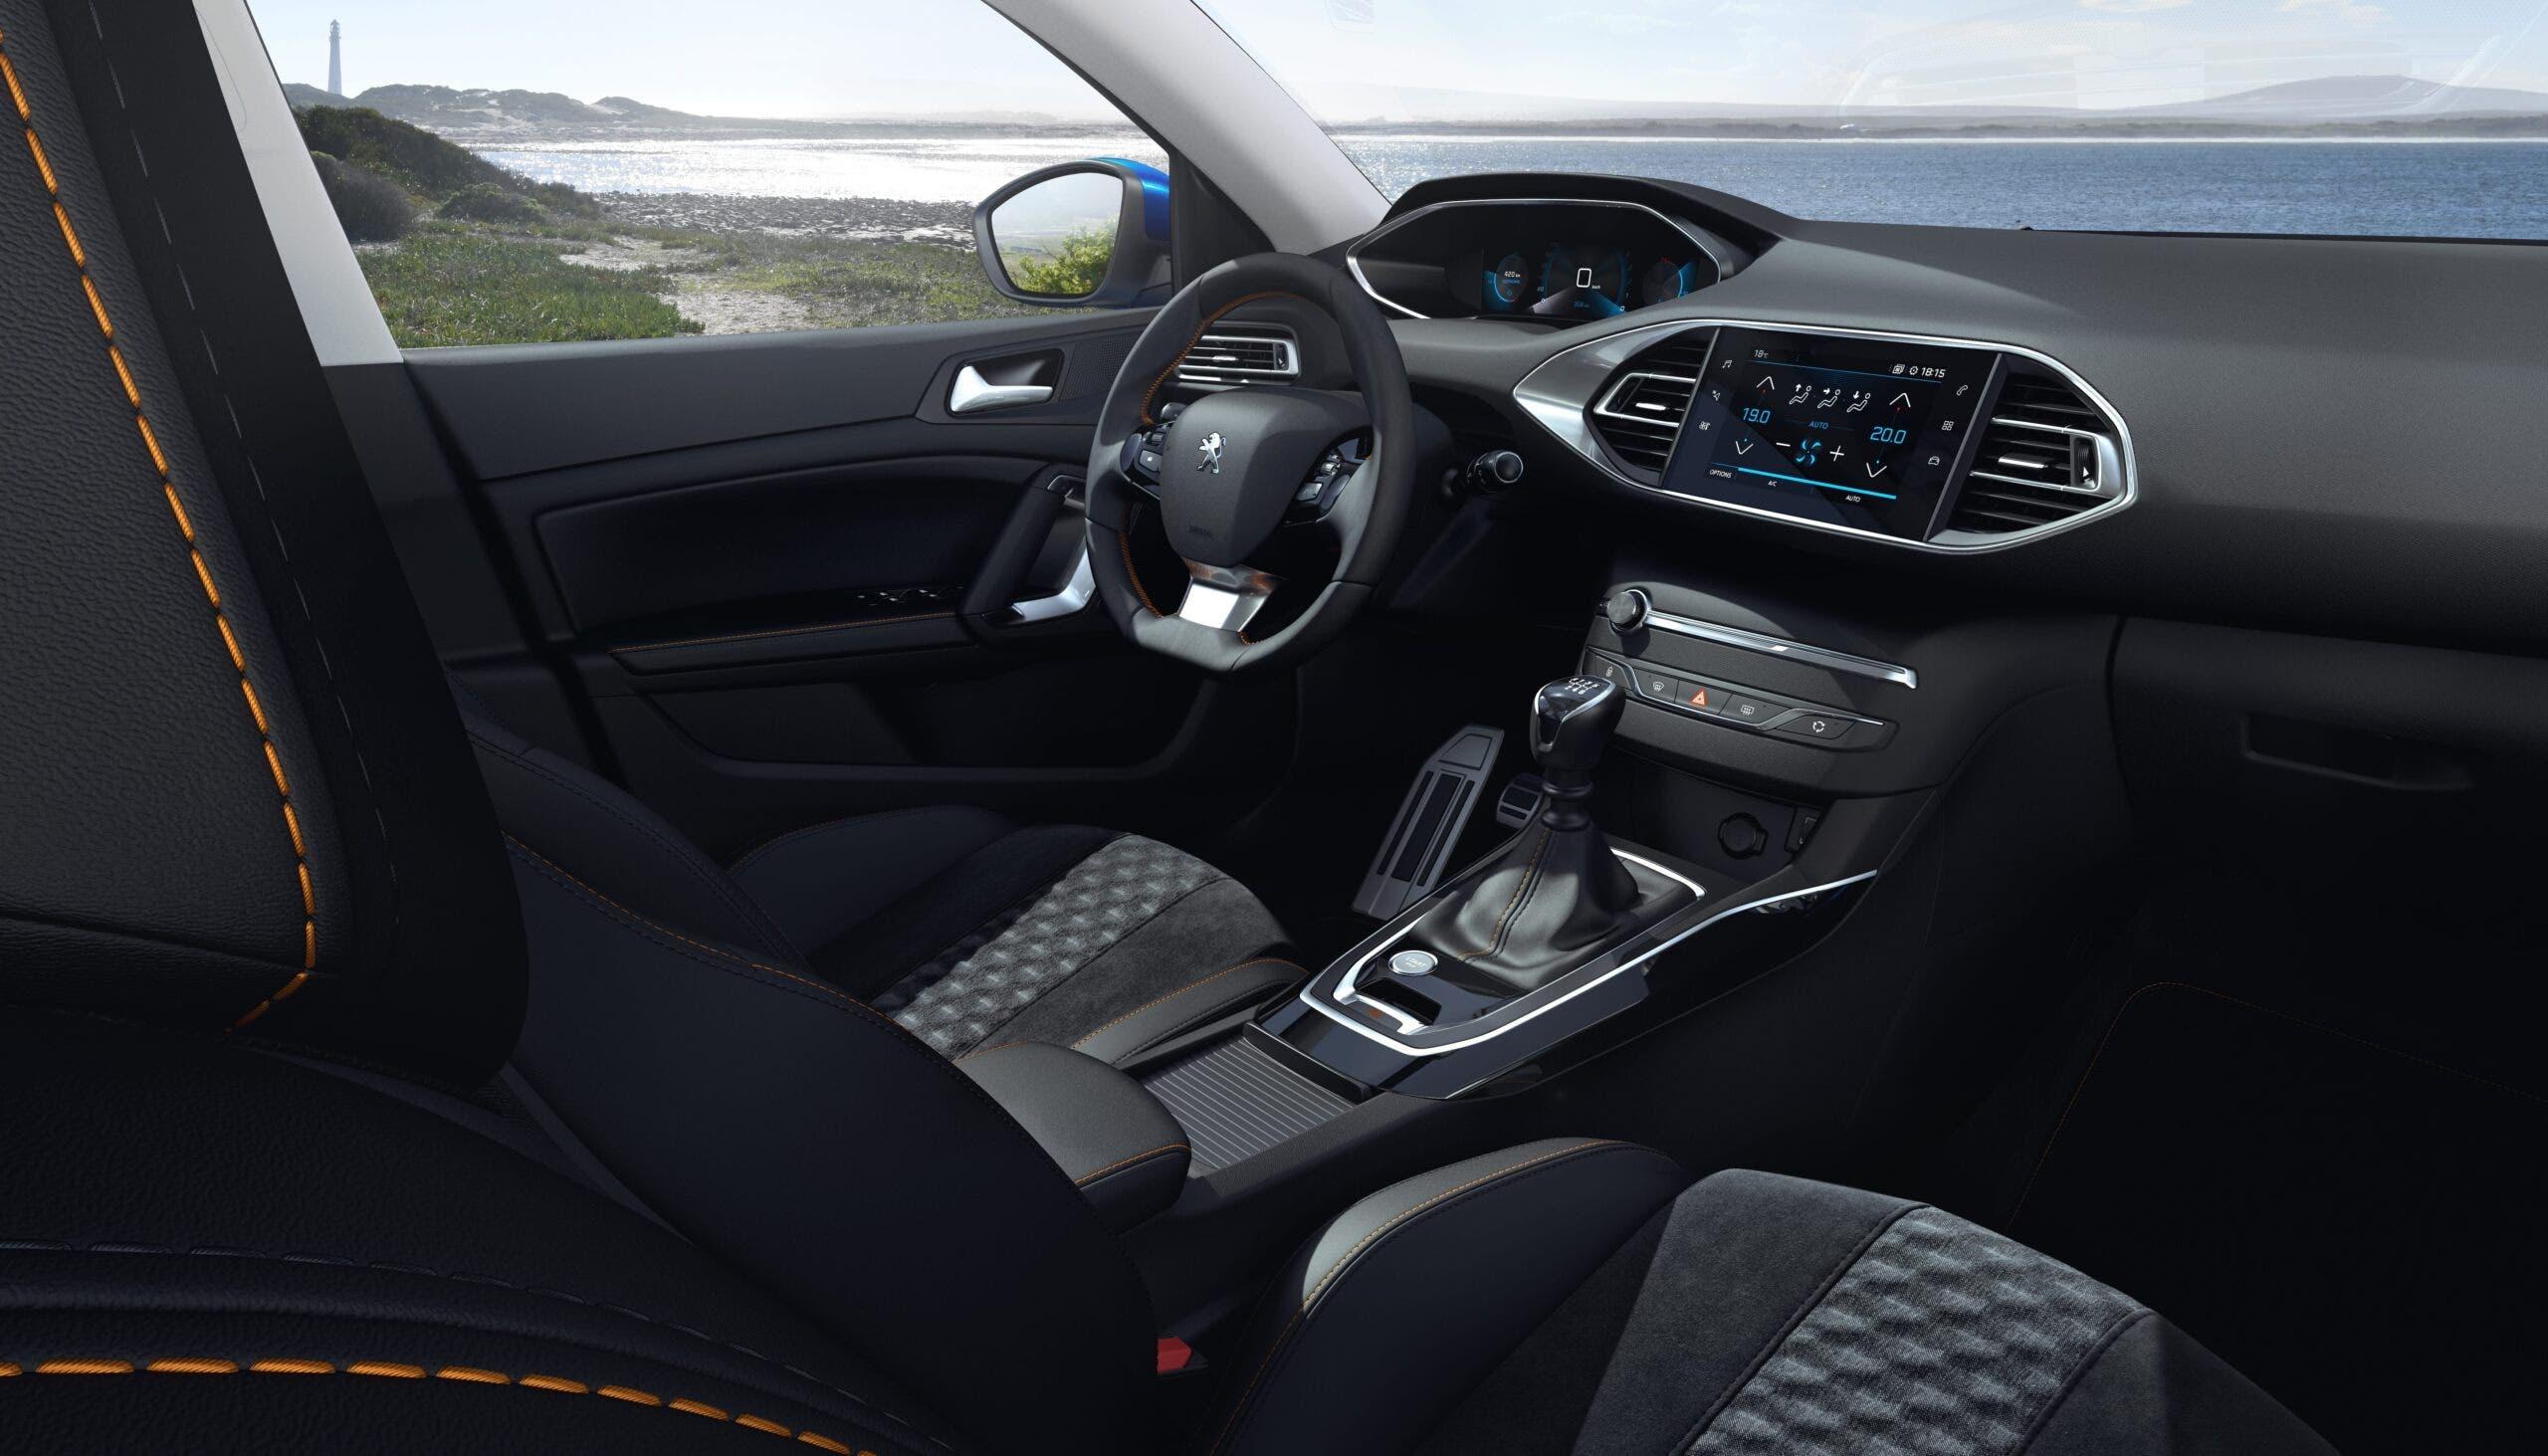 Nuova Peugeot 308 Regno Unito